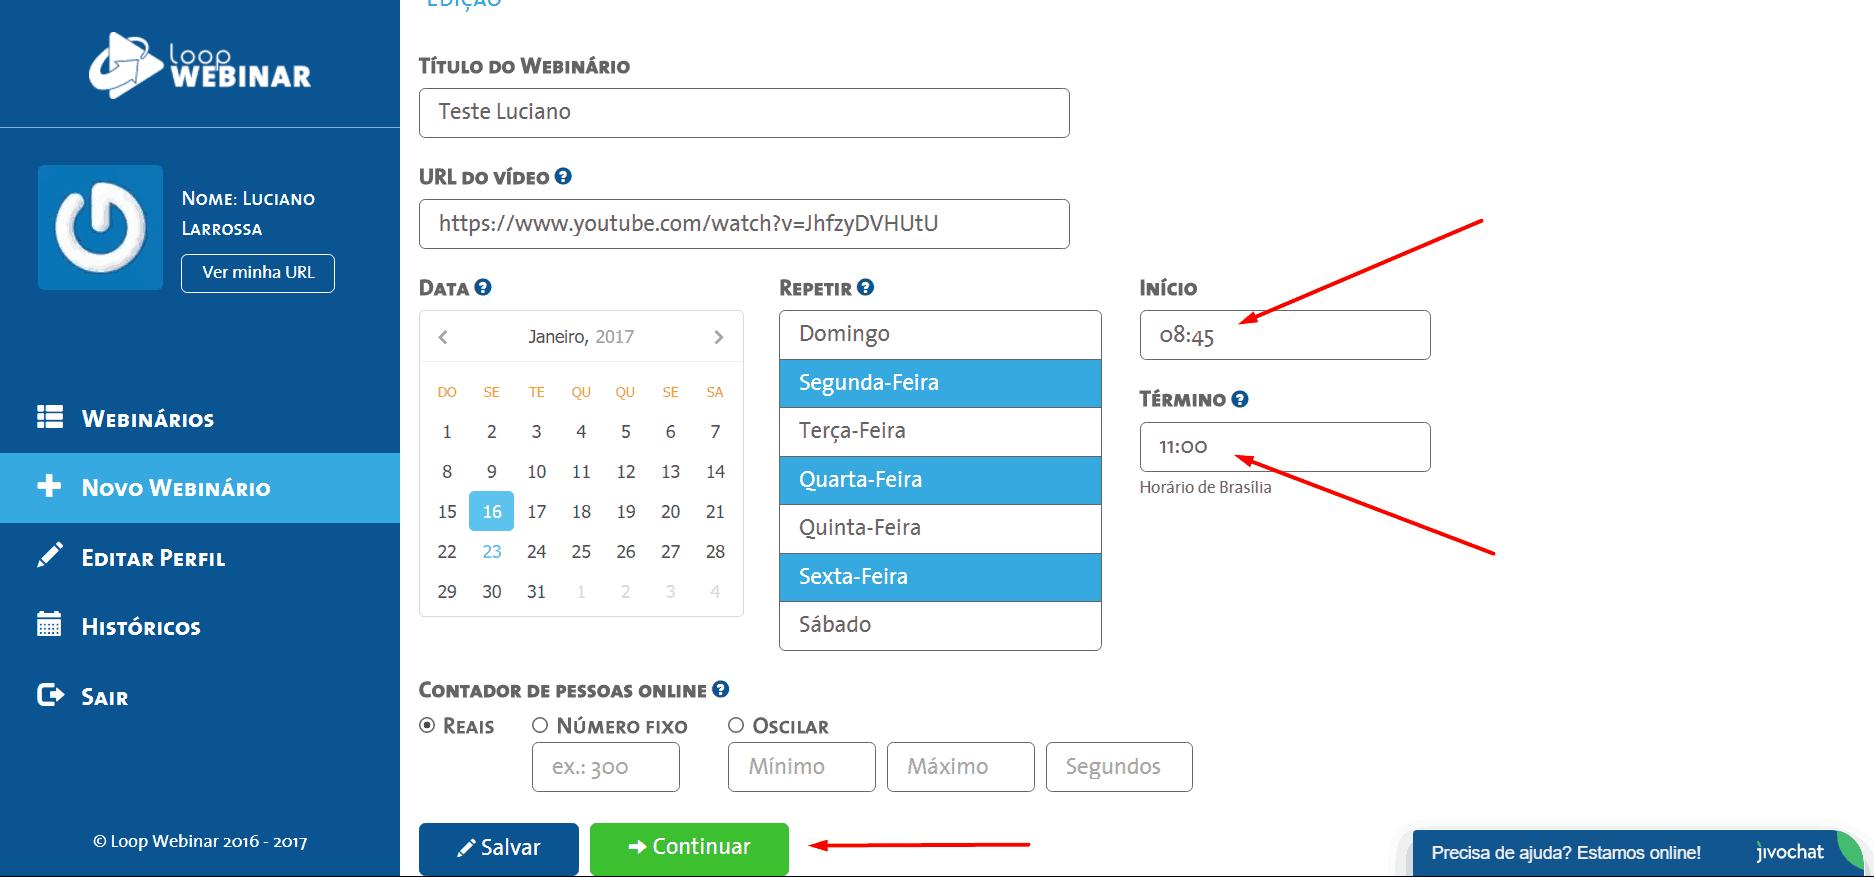 evergreen-webinar-horario